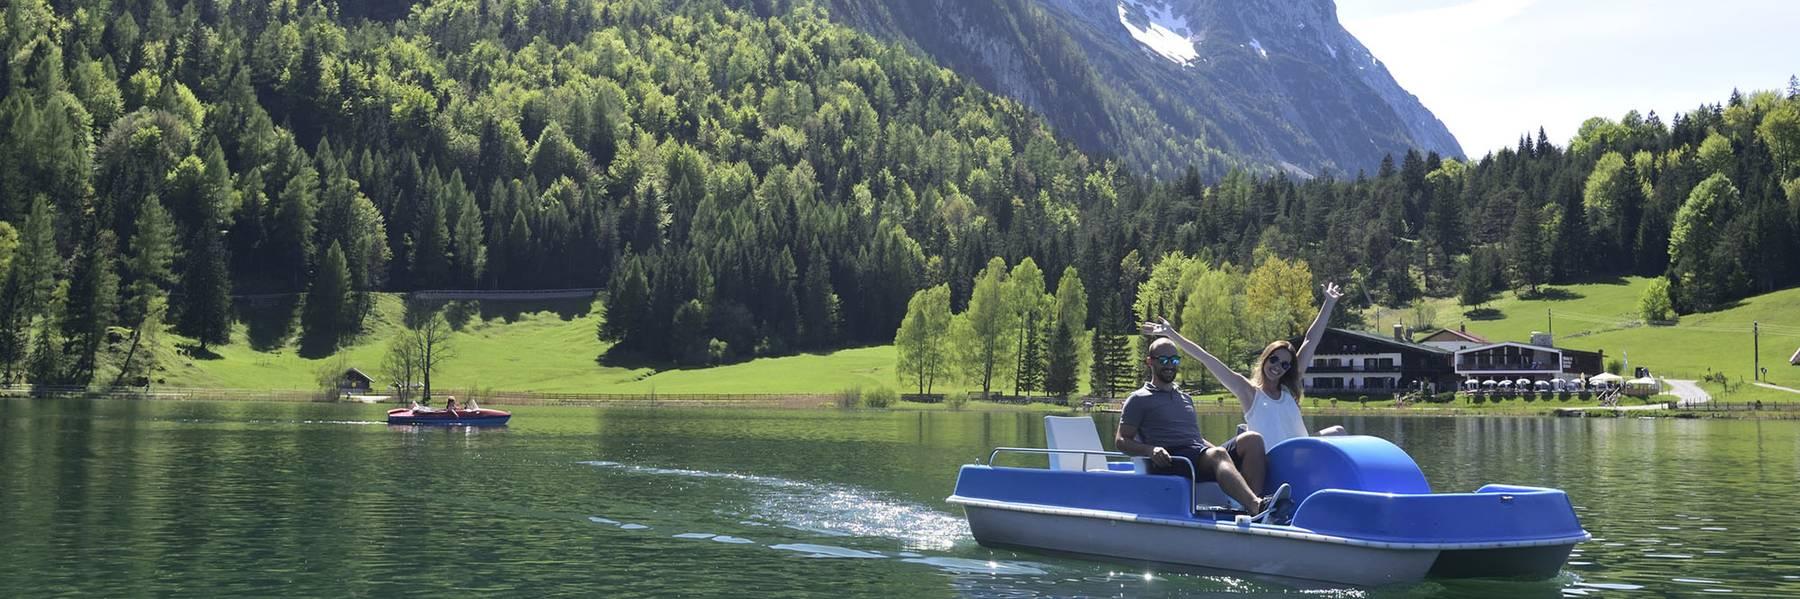 Sommerurlaub in Mittenwald im Karwendel